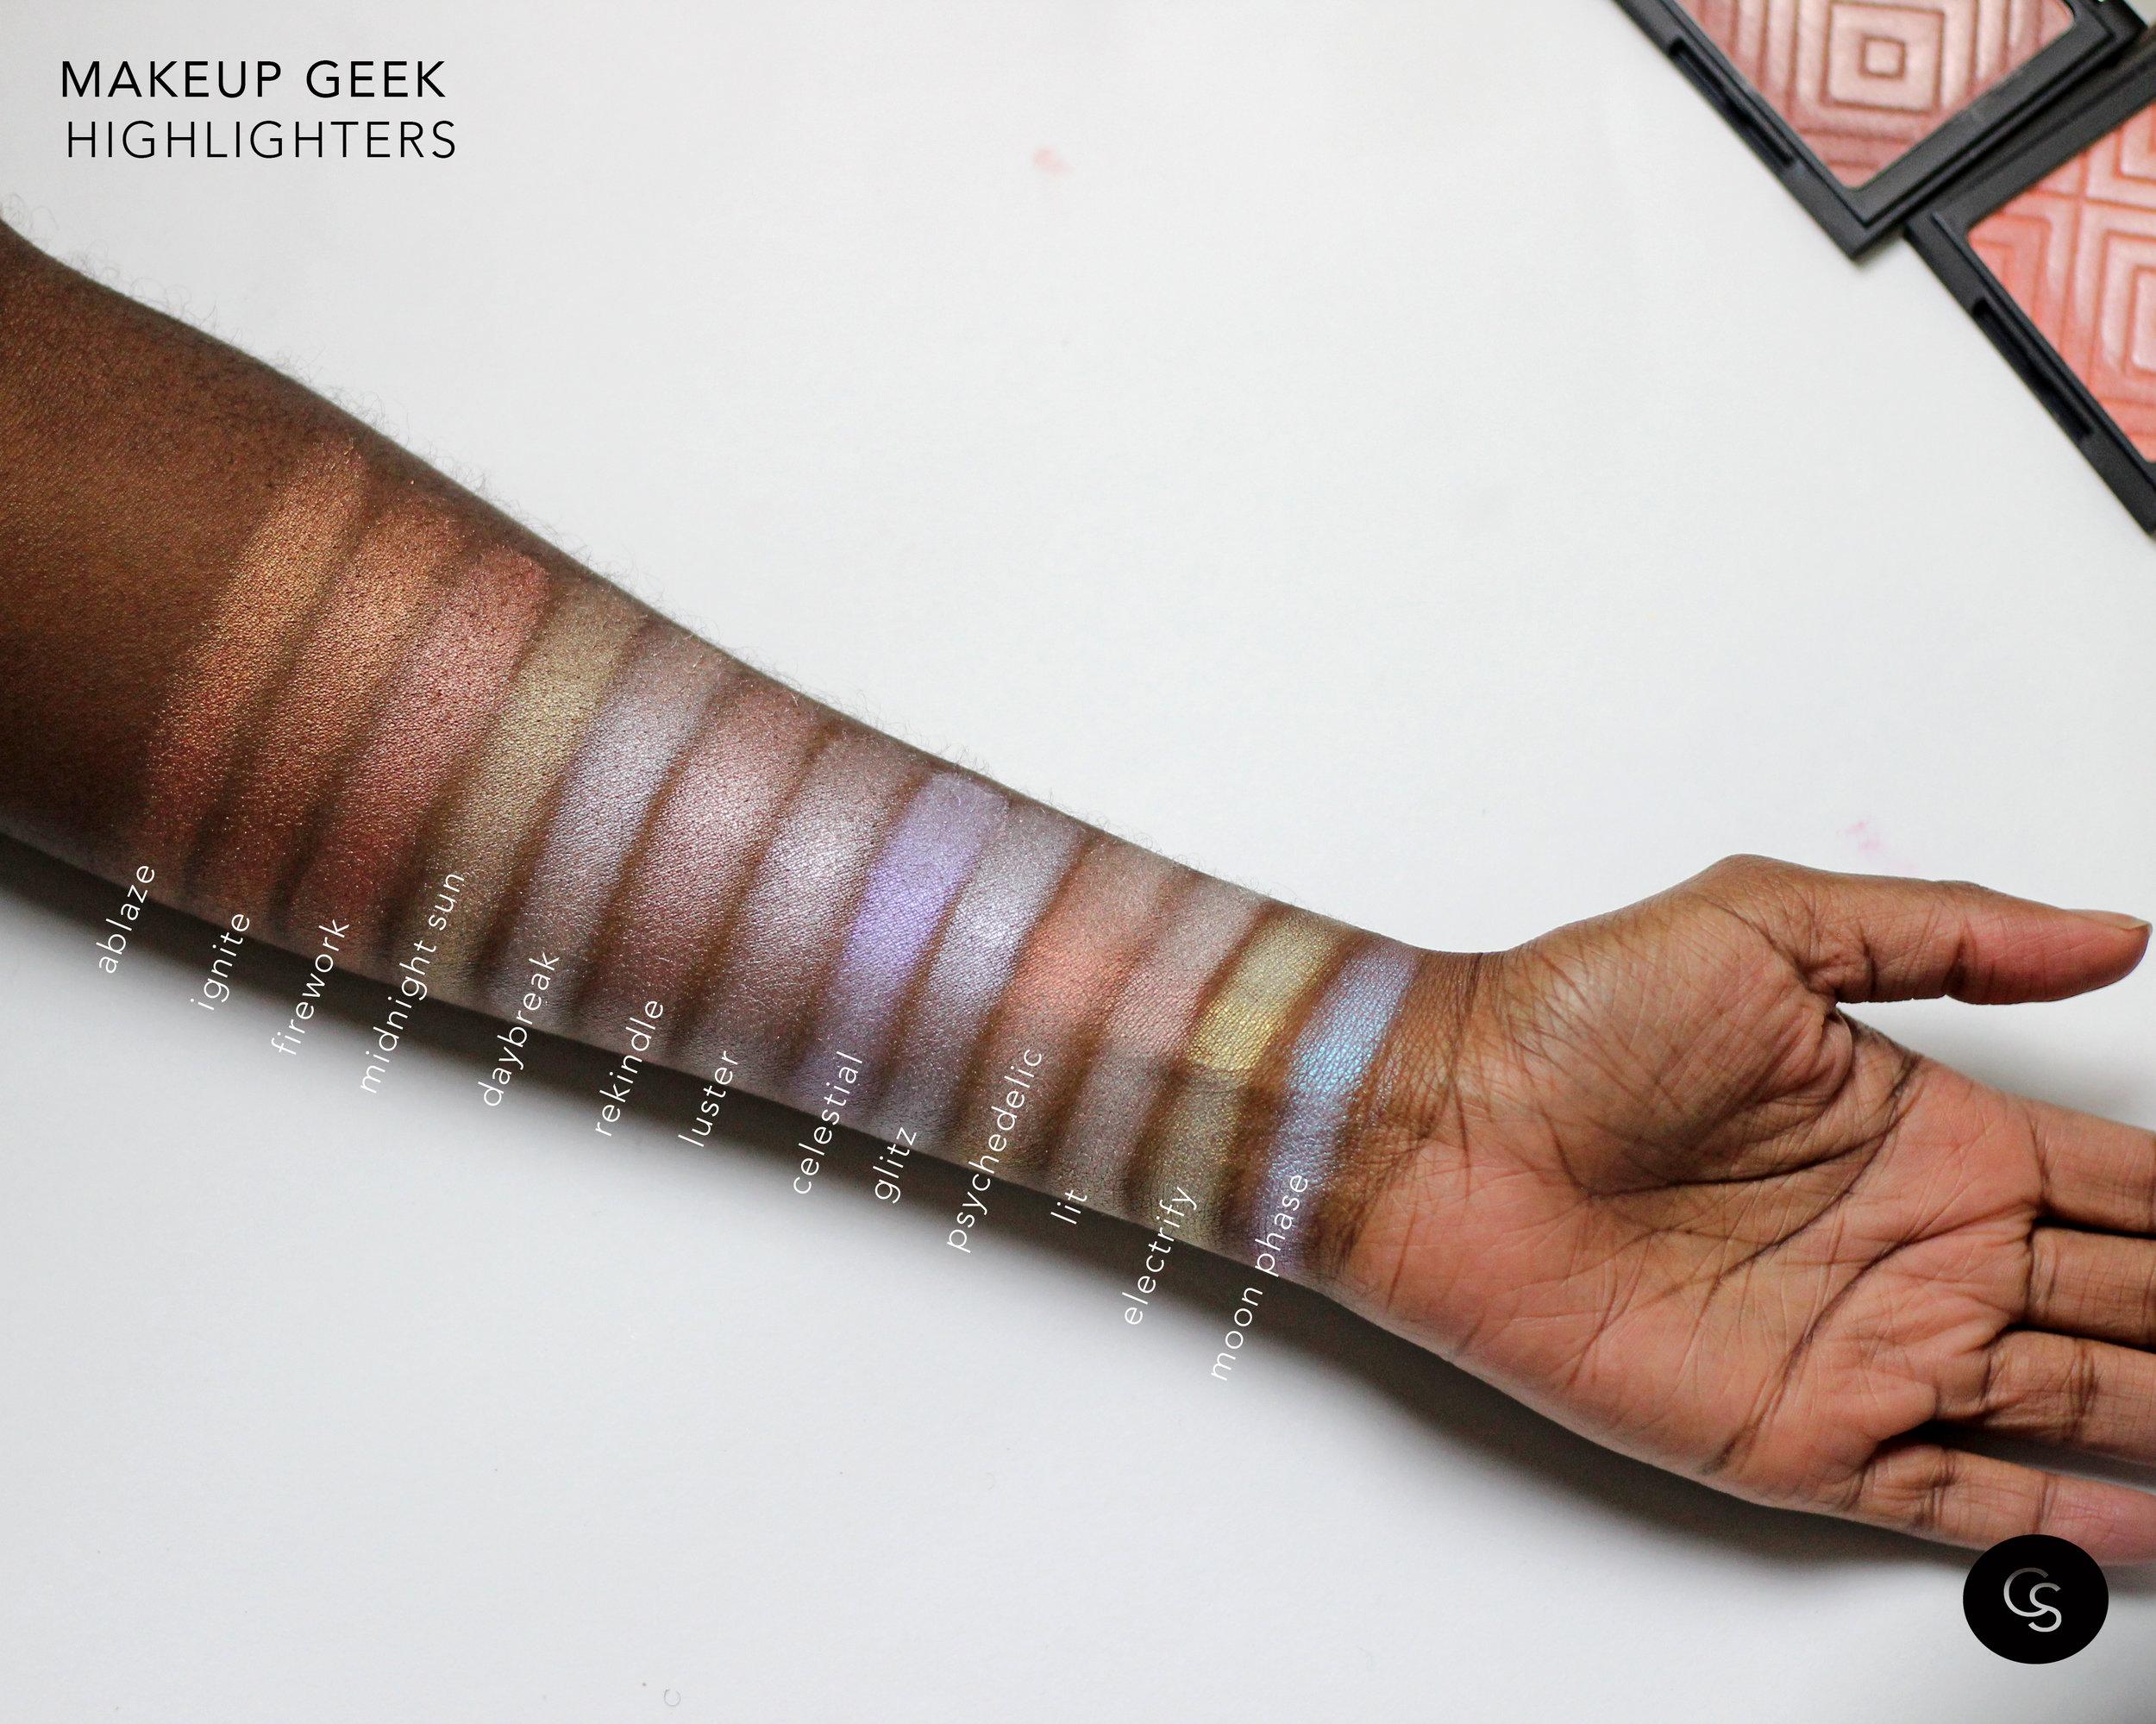 makeup-geek-highlighters-dark-skin